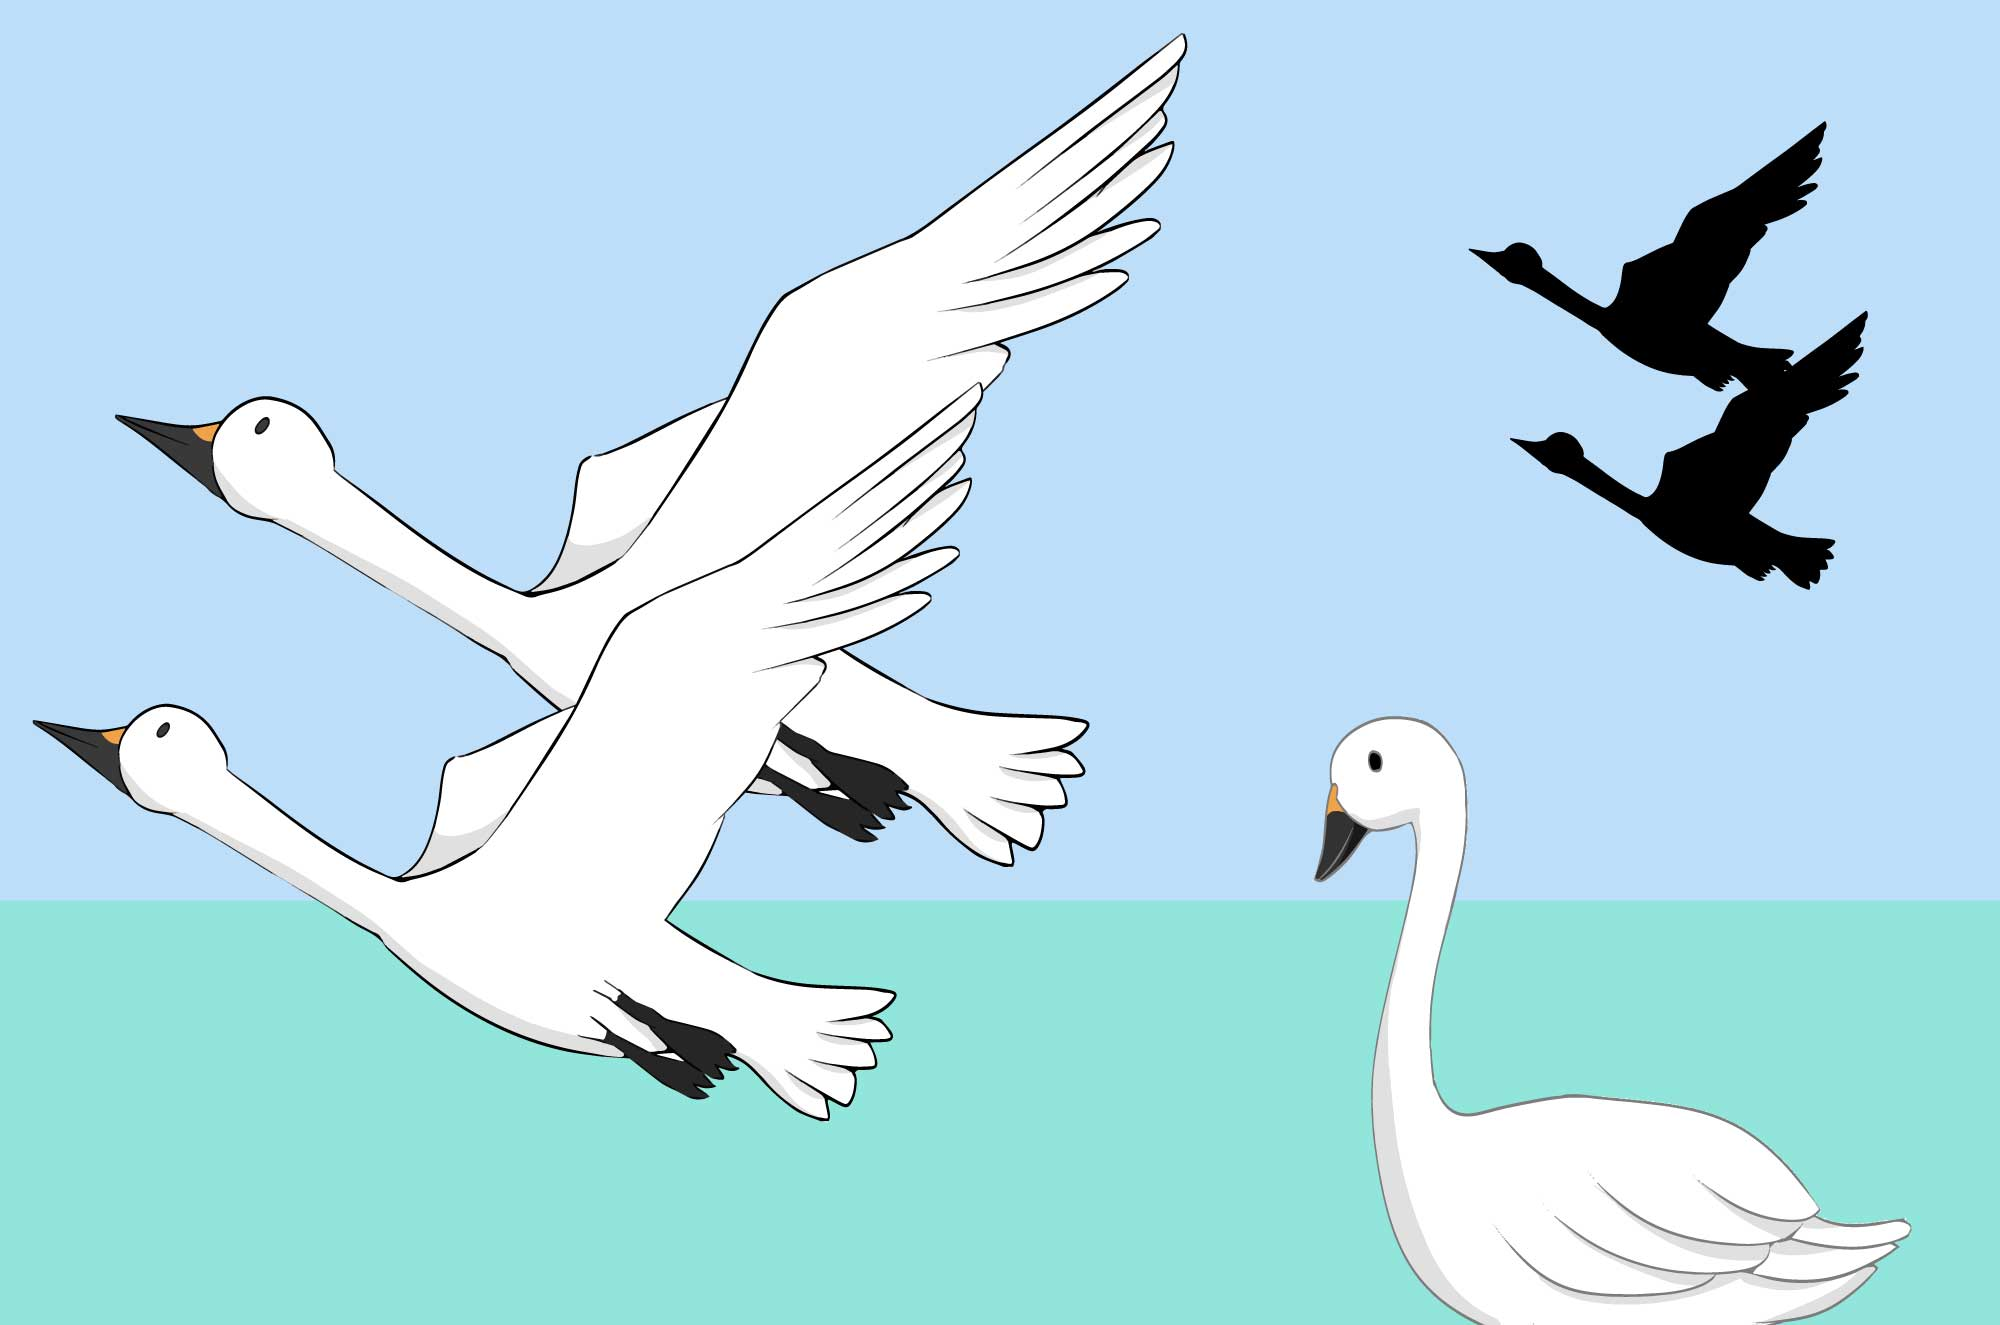 可愛い白鳥のイラスト - 無料の鳥イメージフリー素材